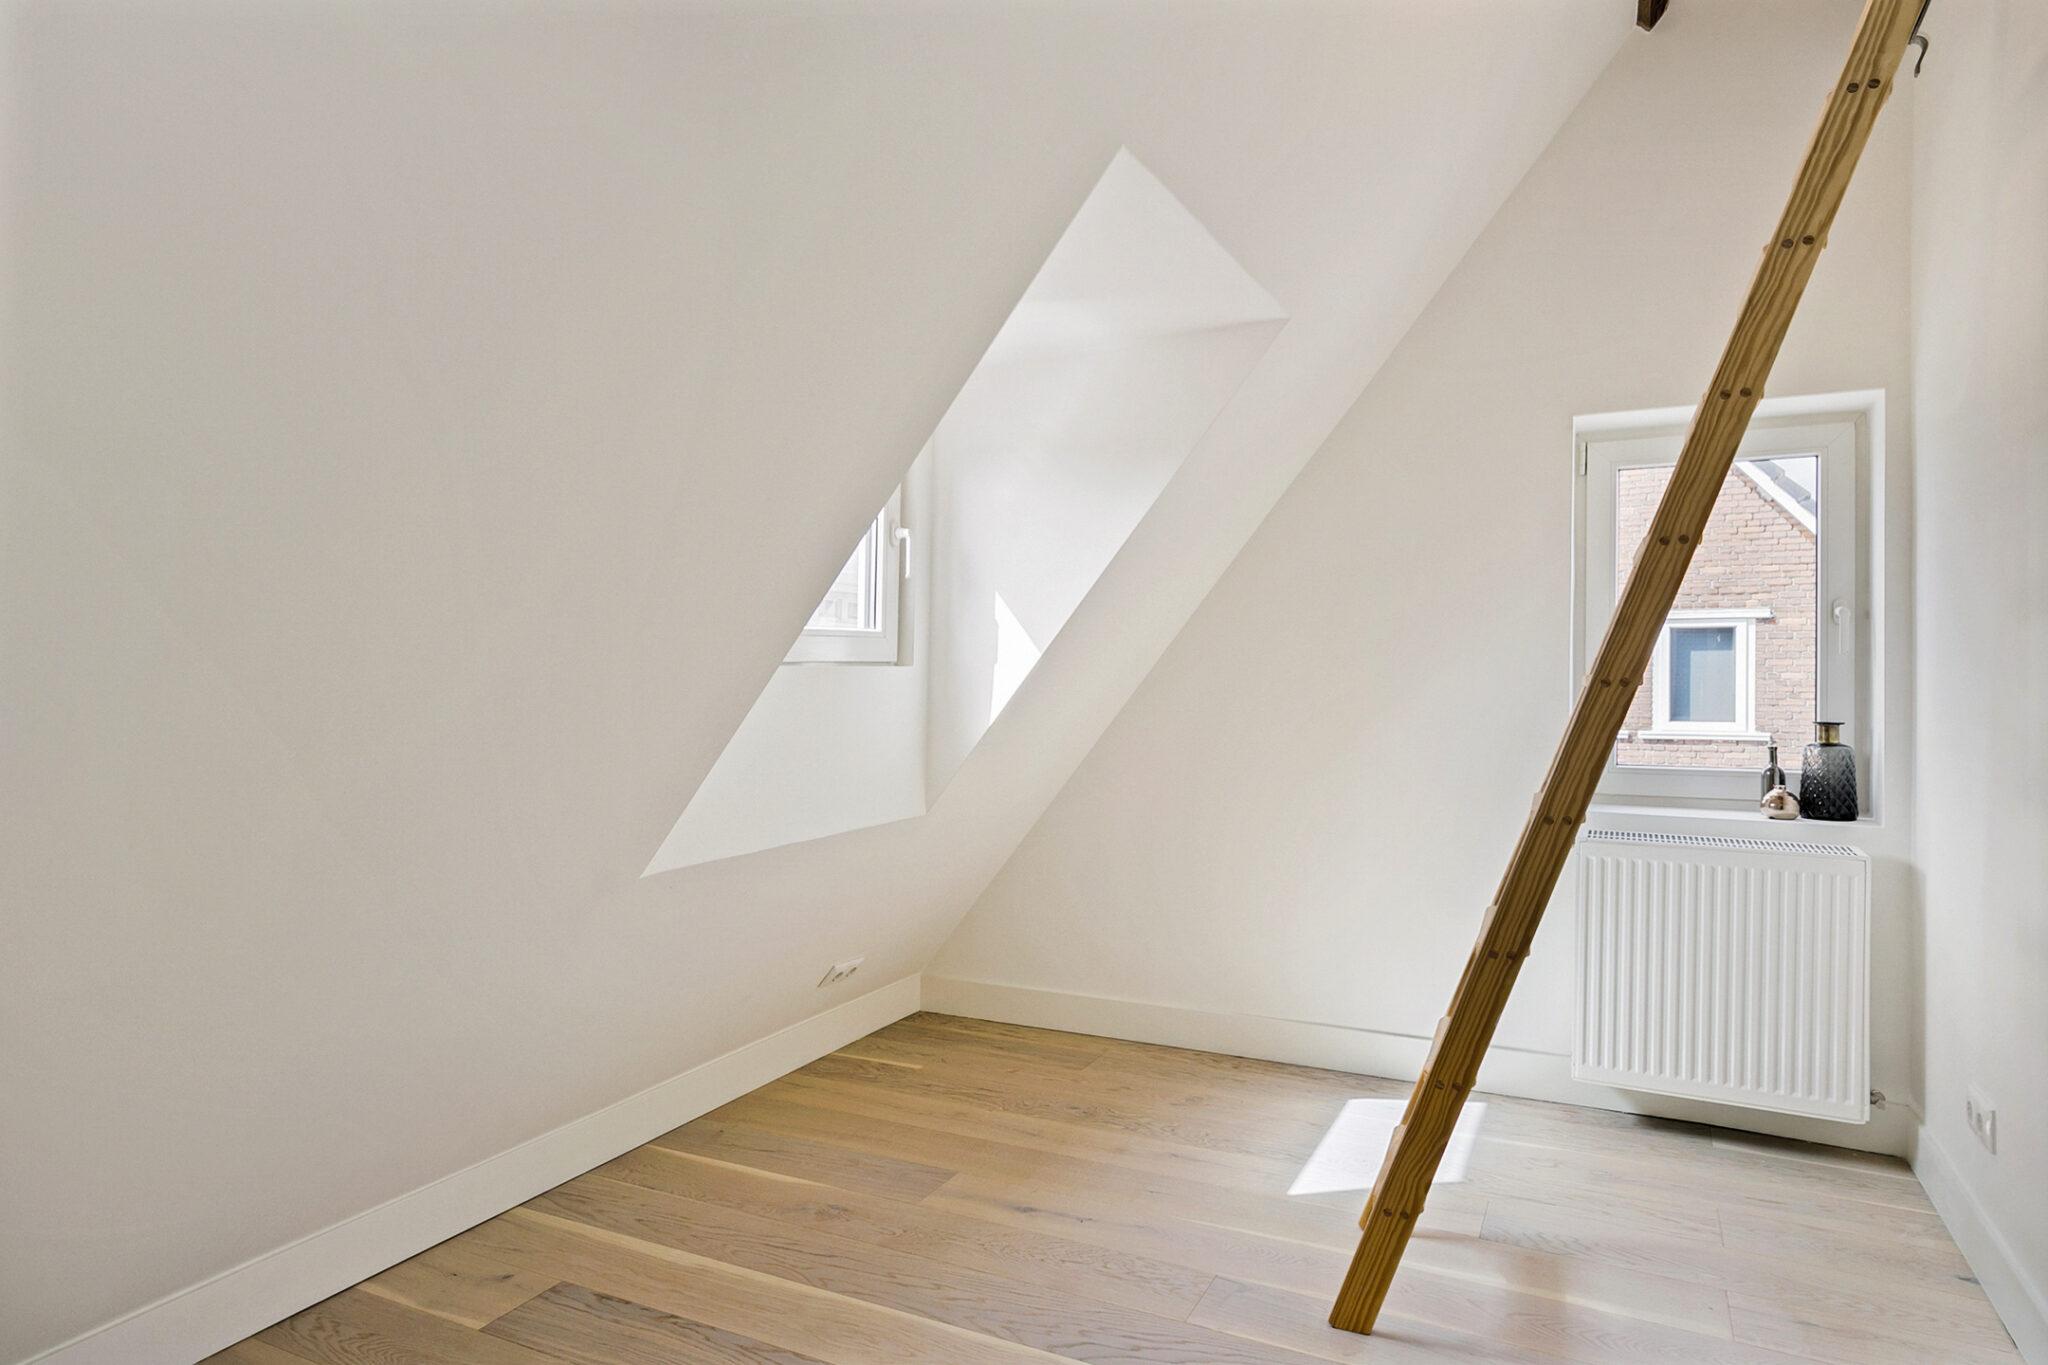 Pieter van Aschstraat 2B 3 slaapkamers3